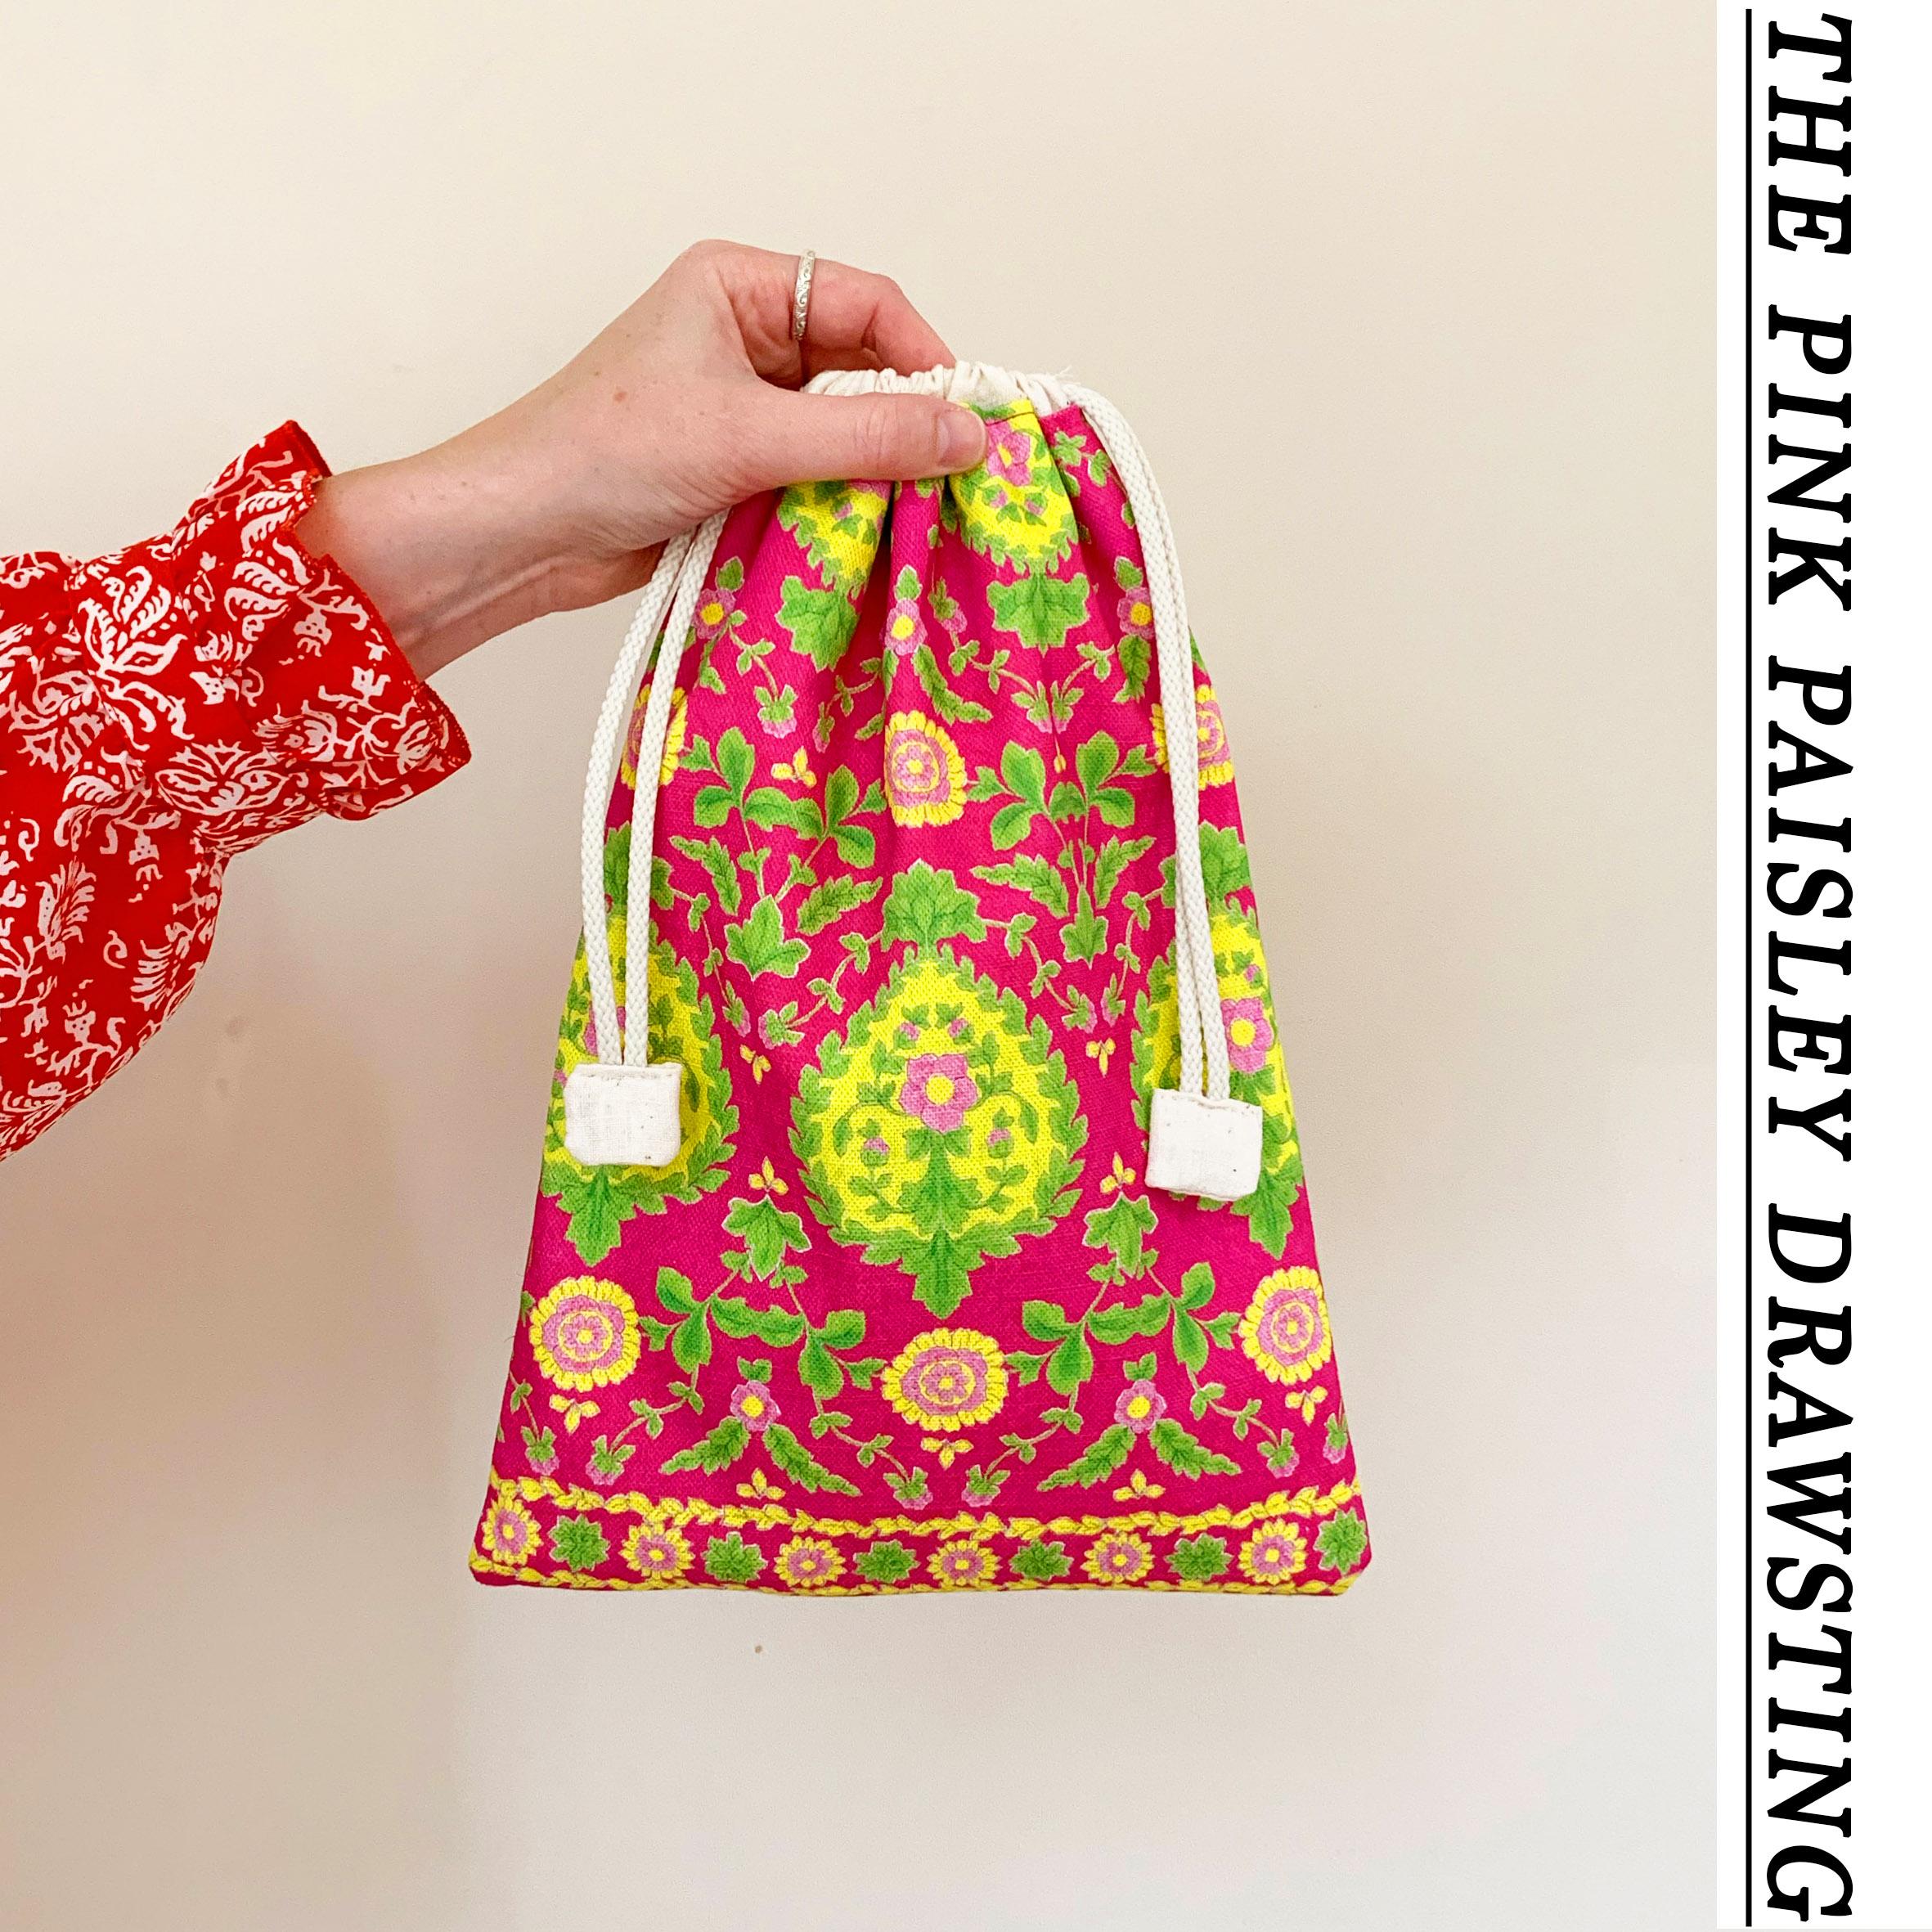 PINK PAISLEY DRAWSTRING BAG